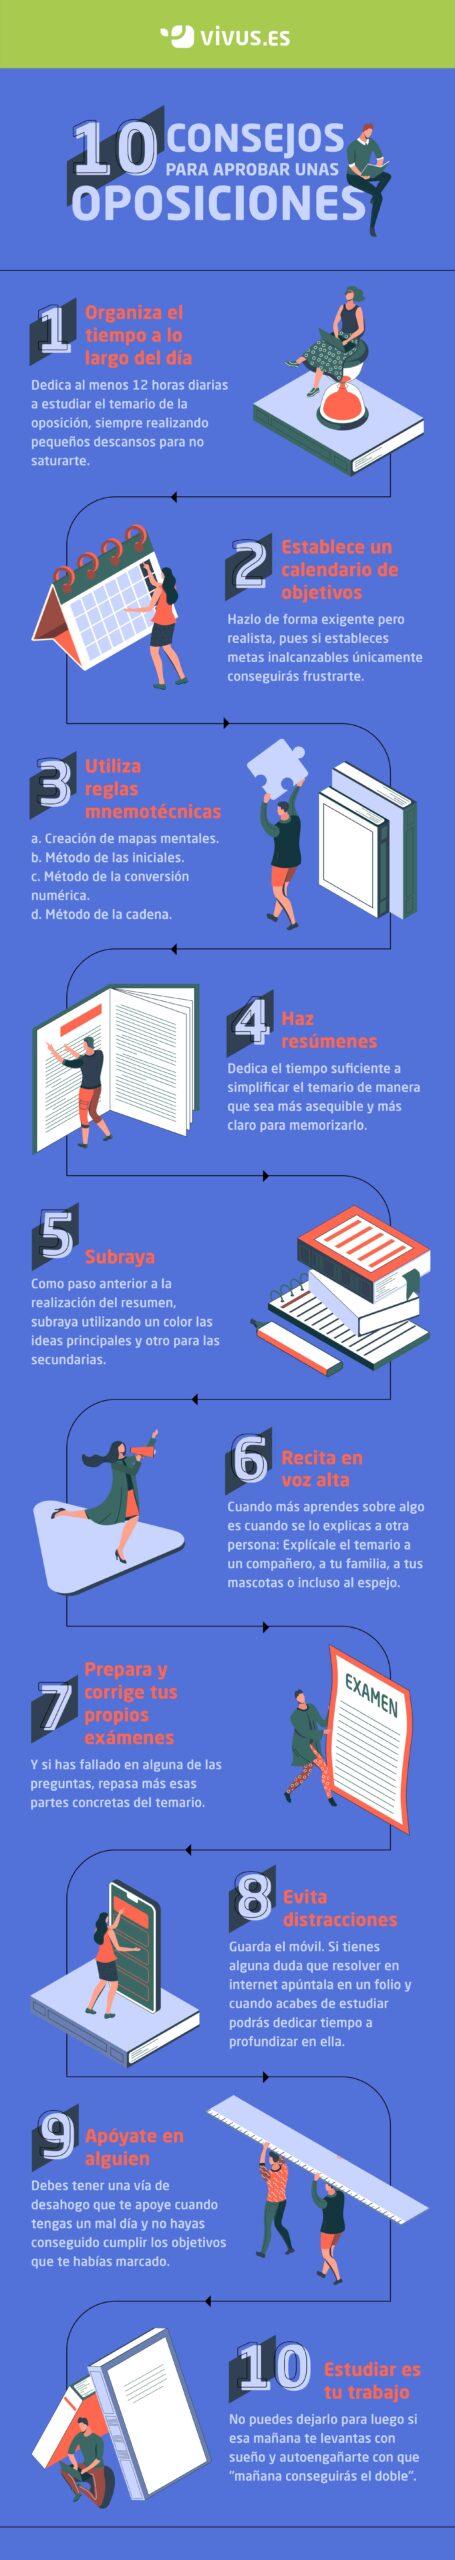 Infografía | Consejos para aprobar unas oposiciones